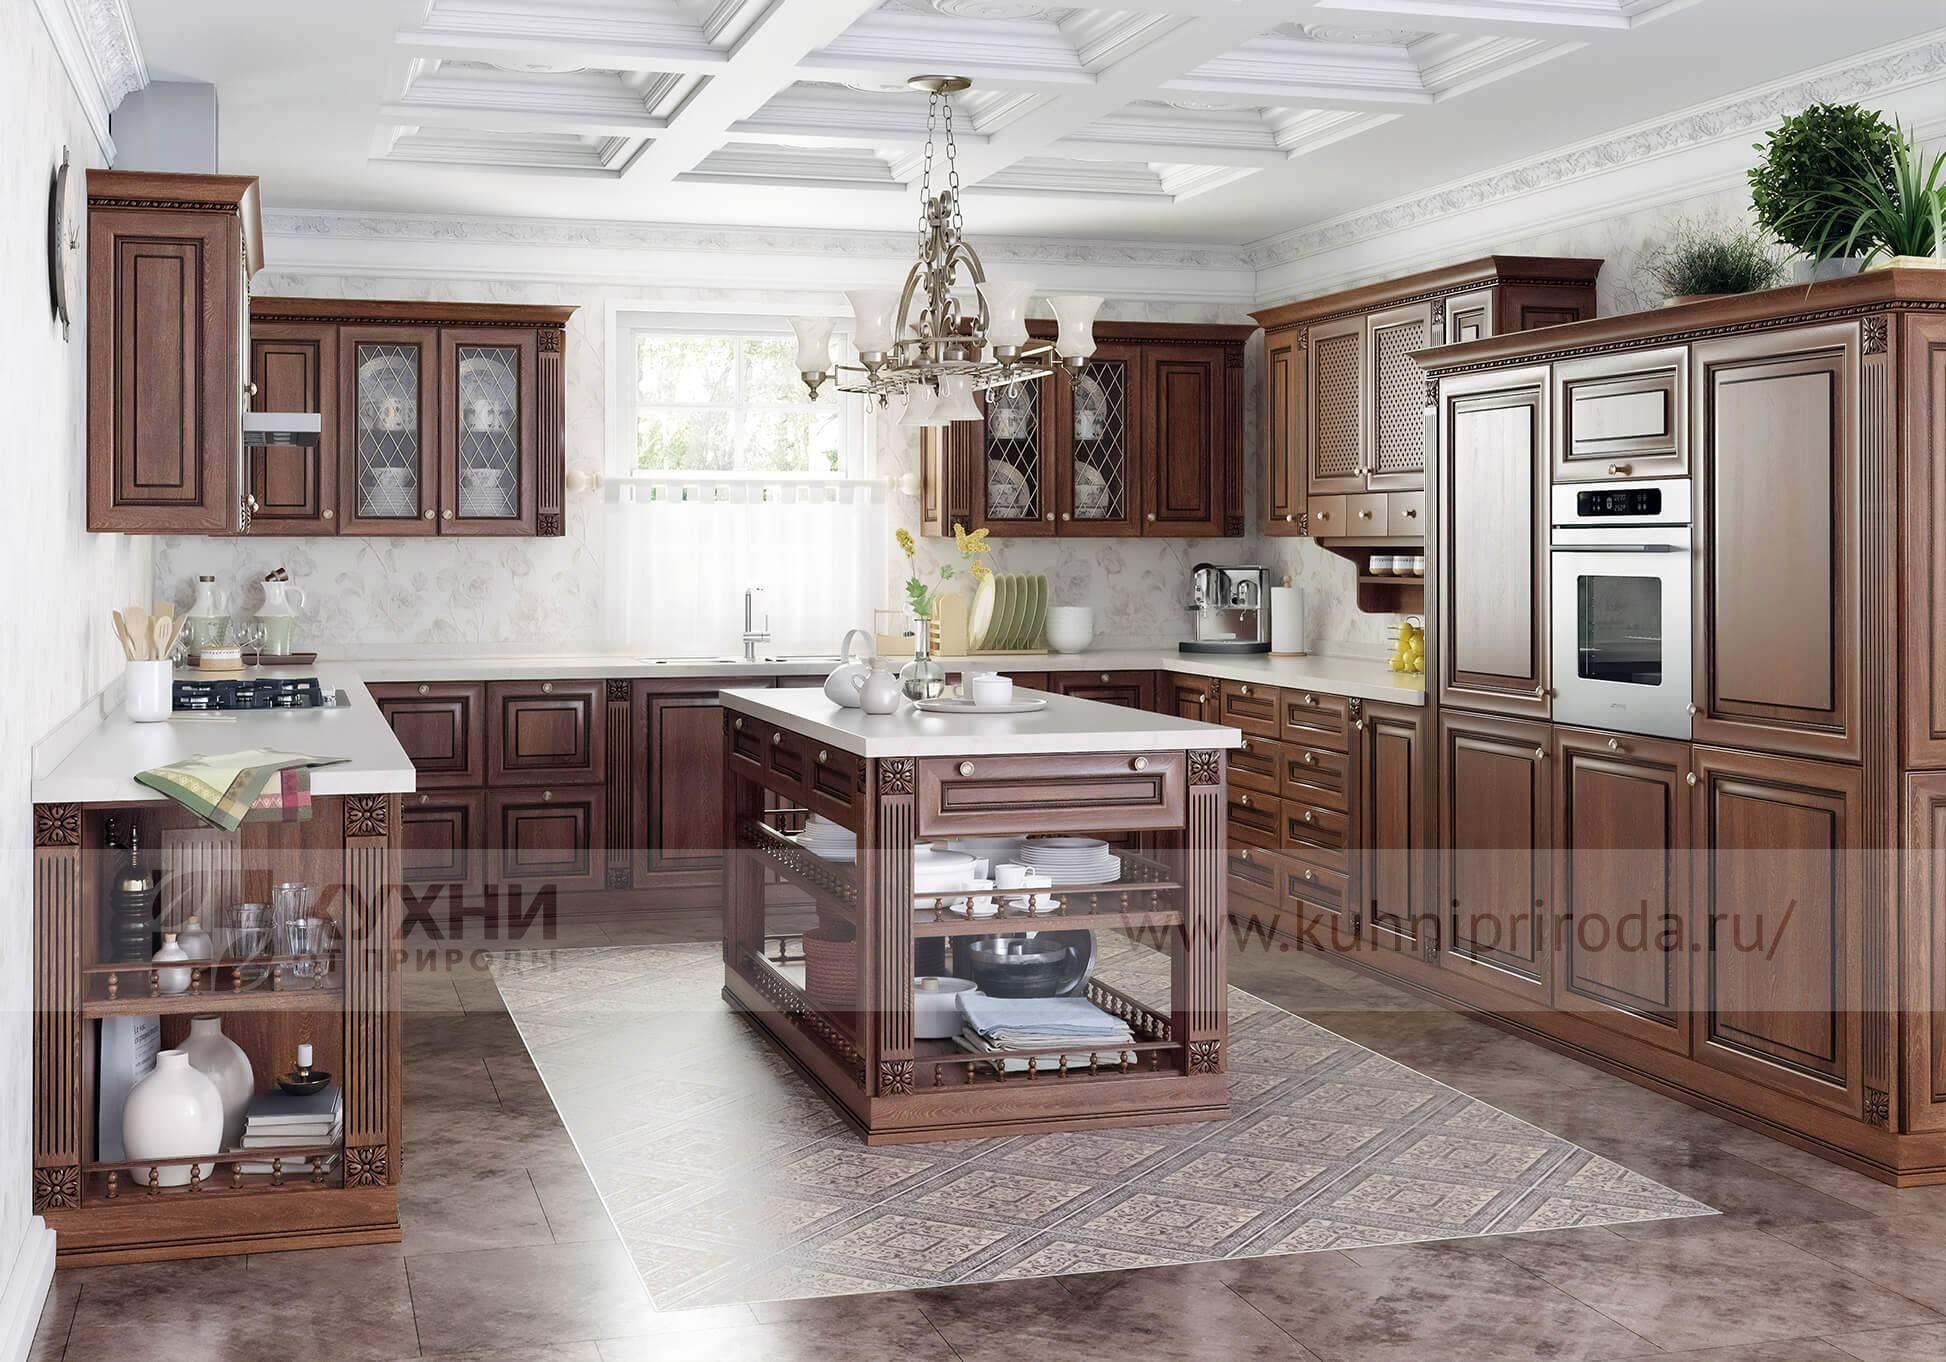 Кухня из массива дерева Флоренция в стиле классика